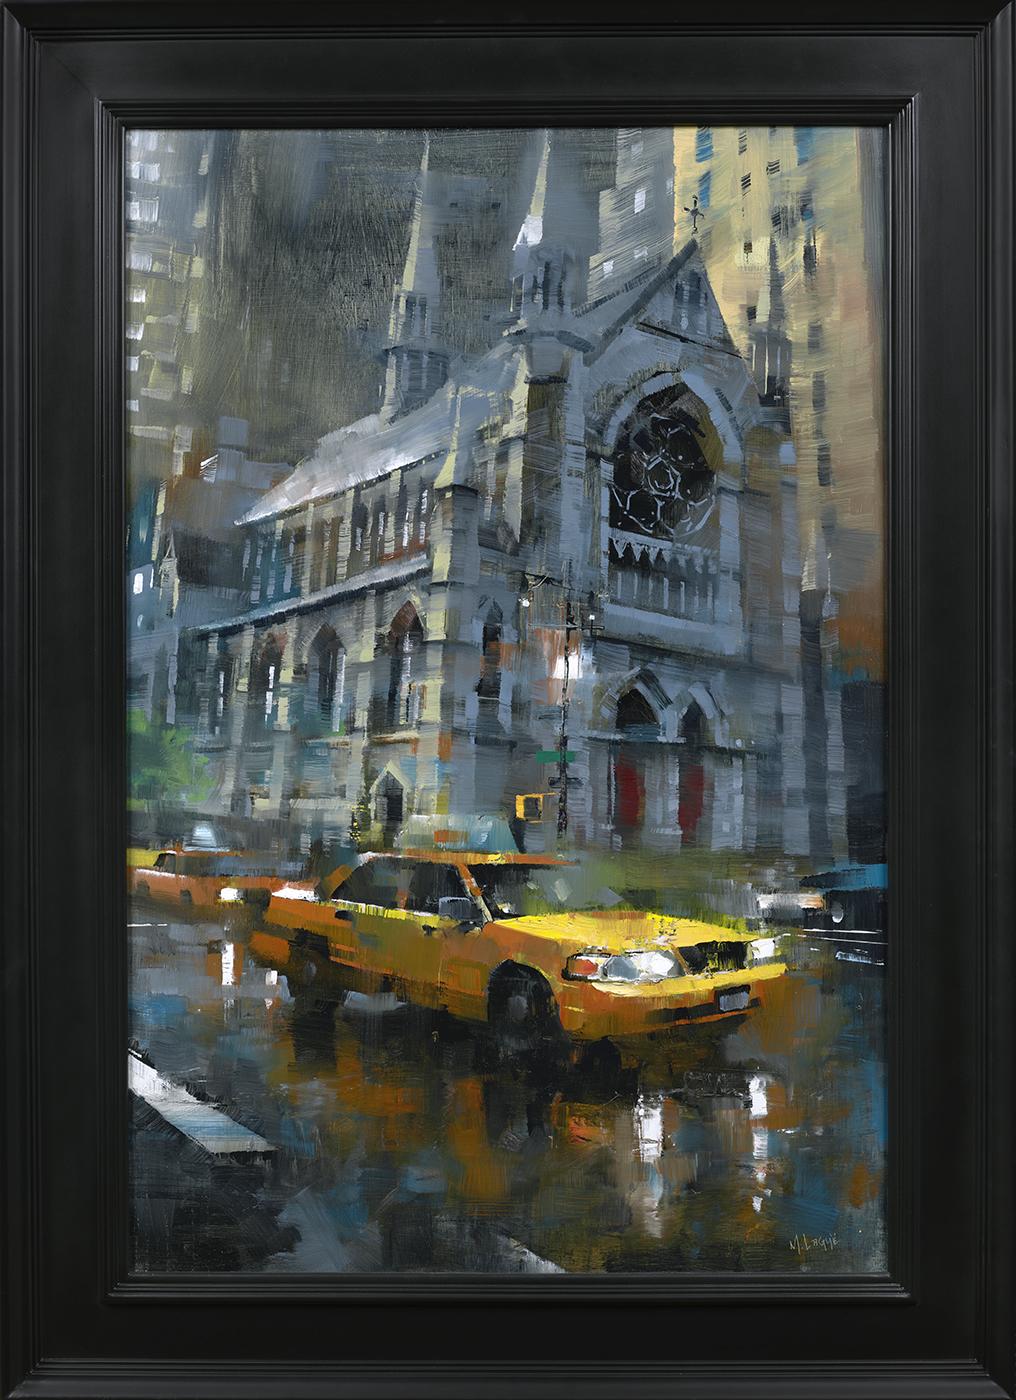 mark_lague_ml1047_holy_trinity_rain_framed.jpg